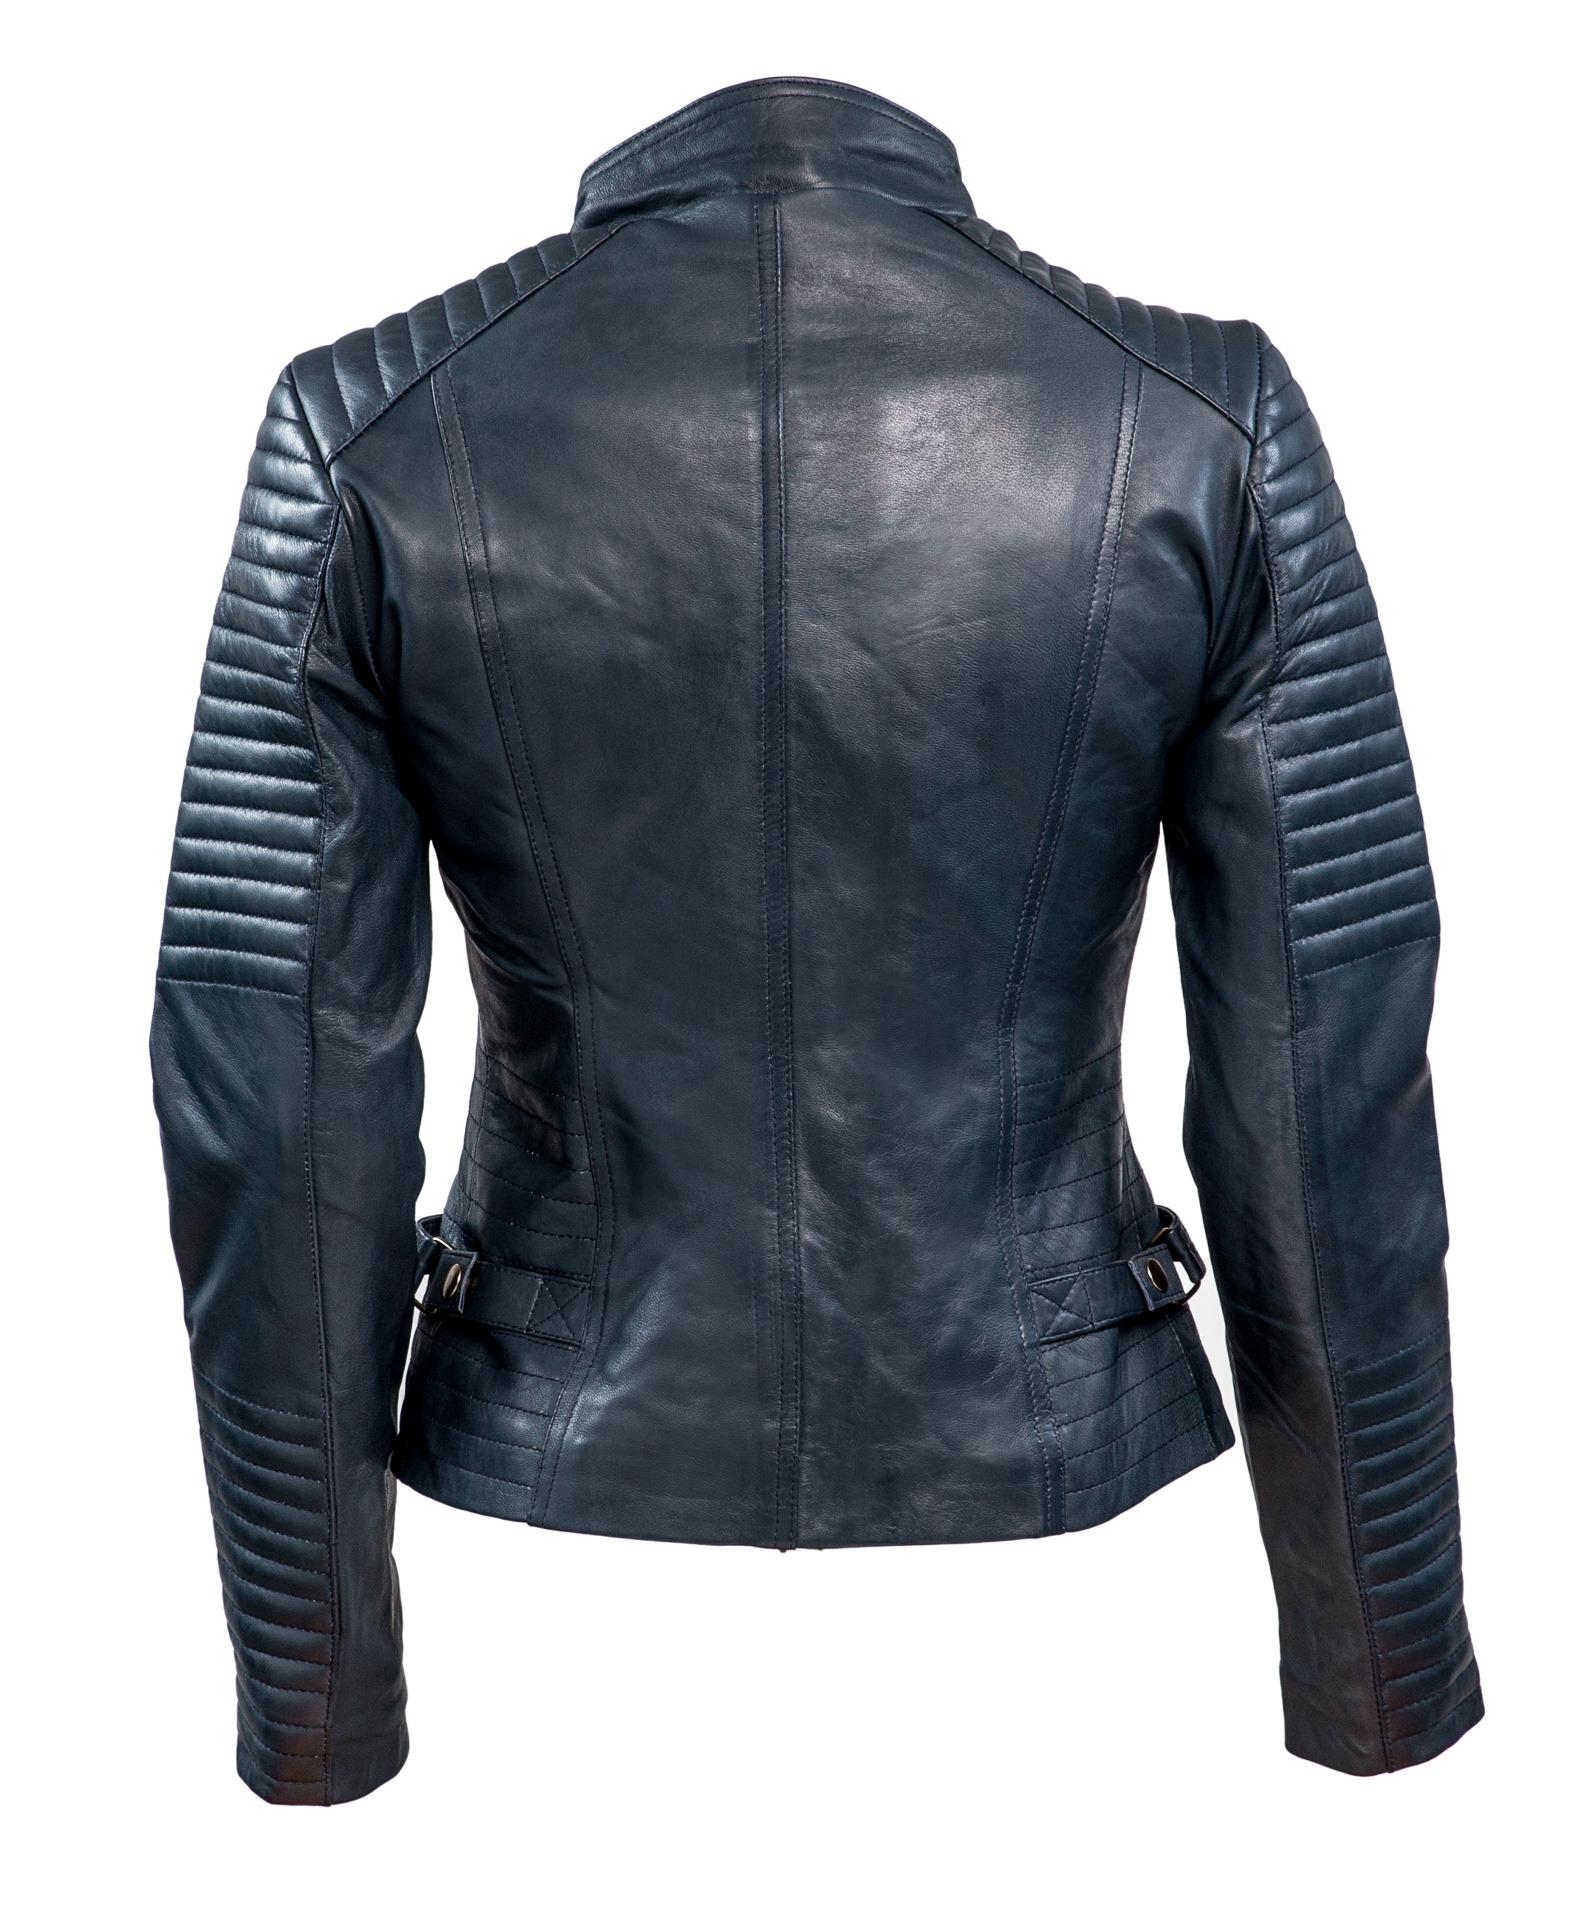 348 biker jack blauw dames